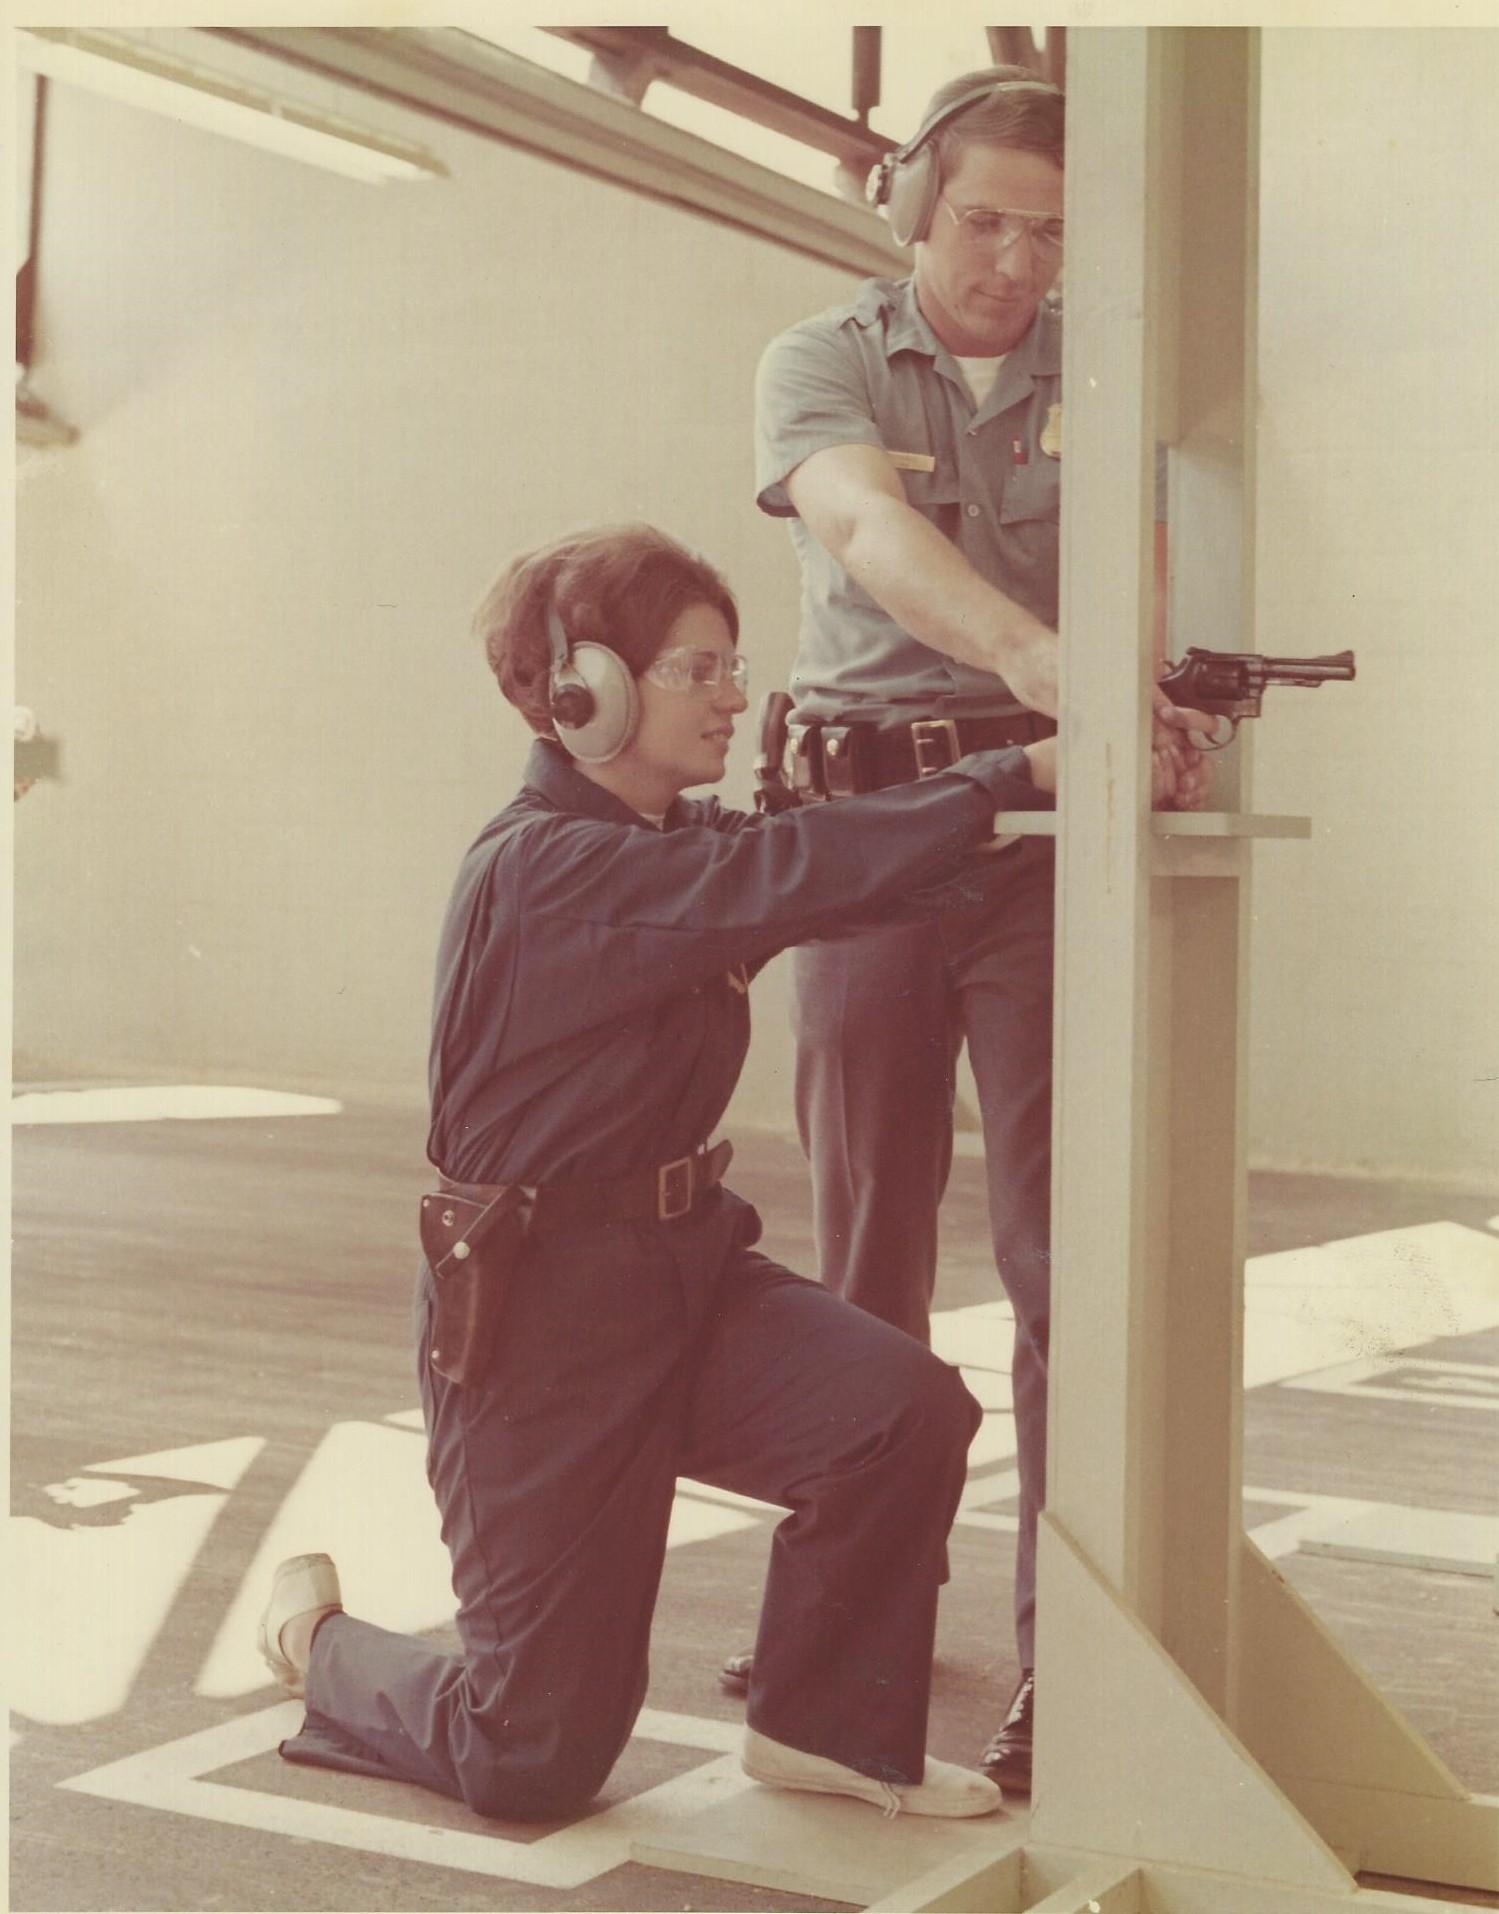 Jo Ann Kocher participating in firearms training